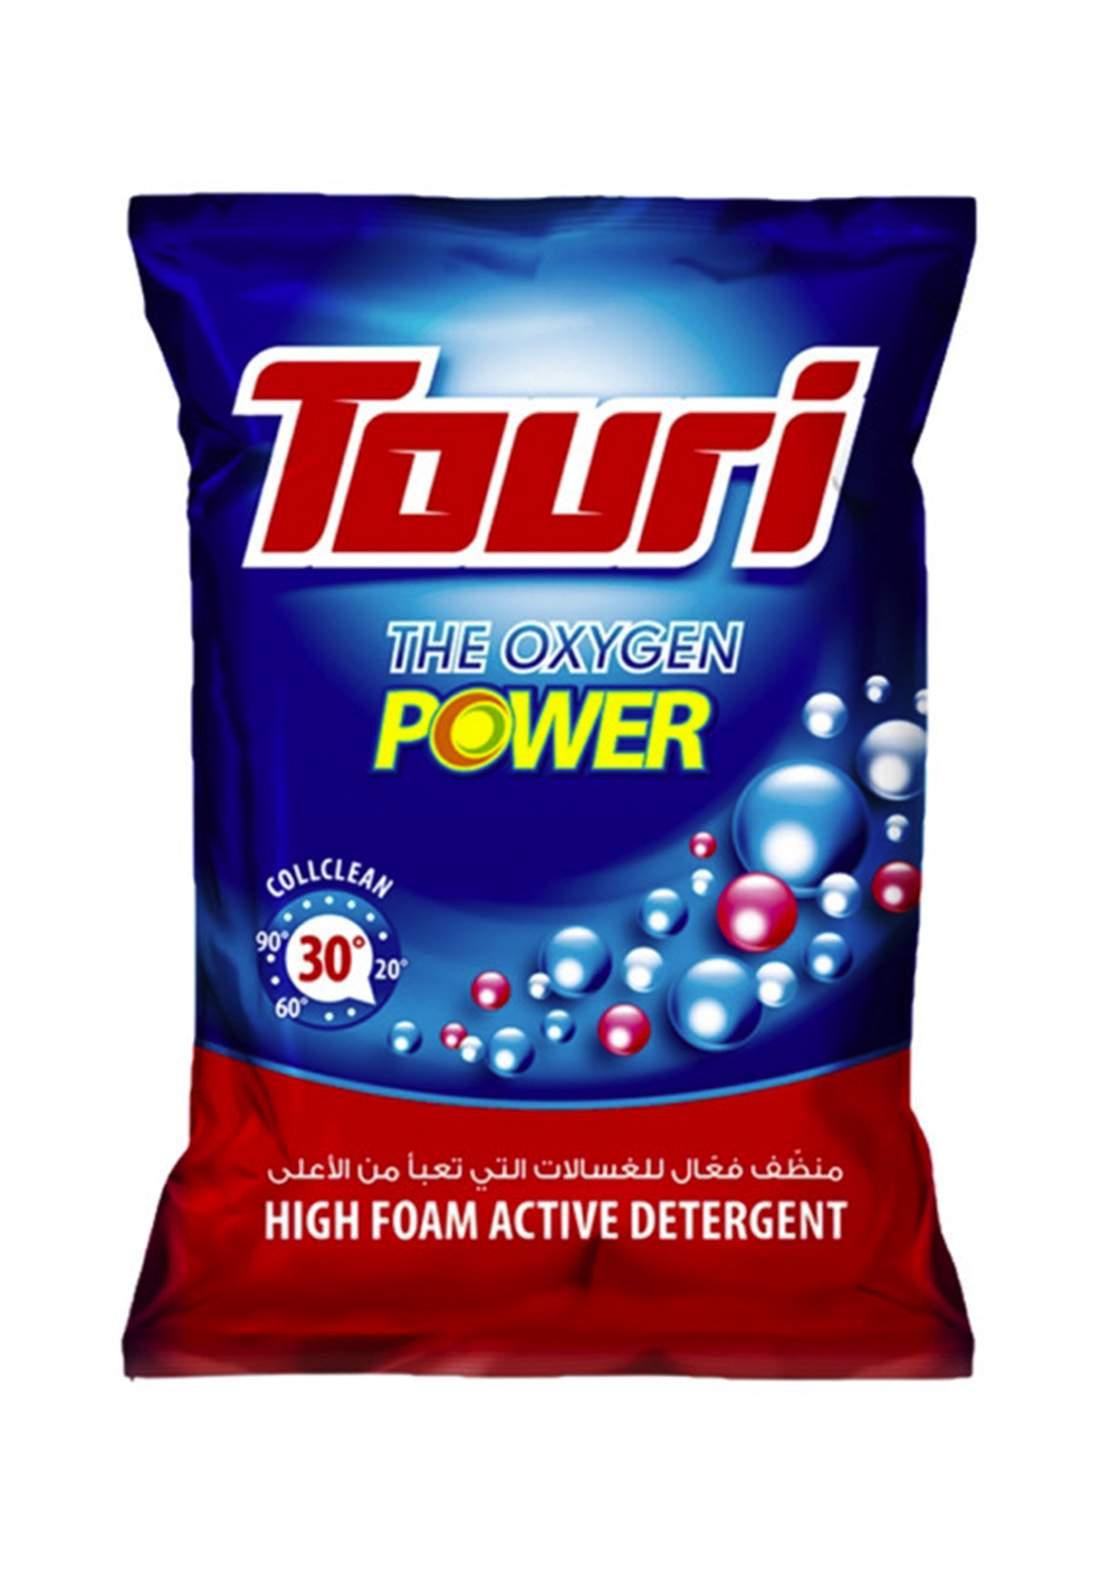 Touri The Oxygen Power  500 g مسحوق مزيل البقع الملابس البيضاء